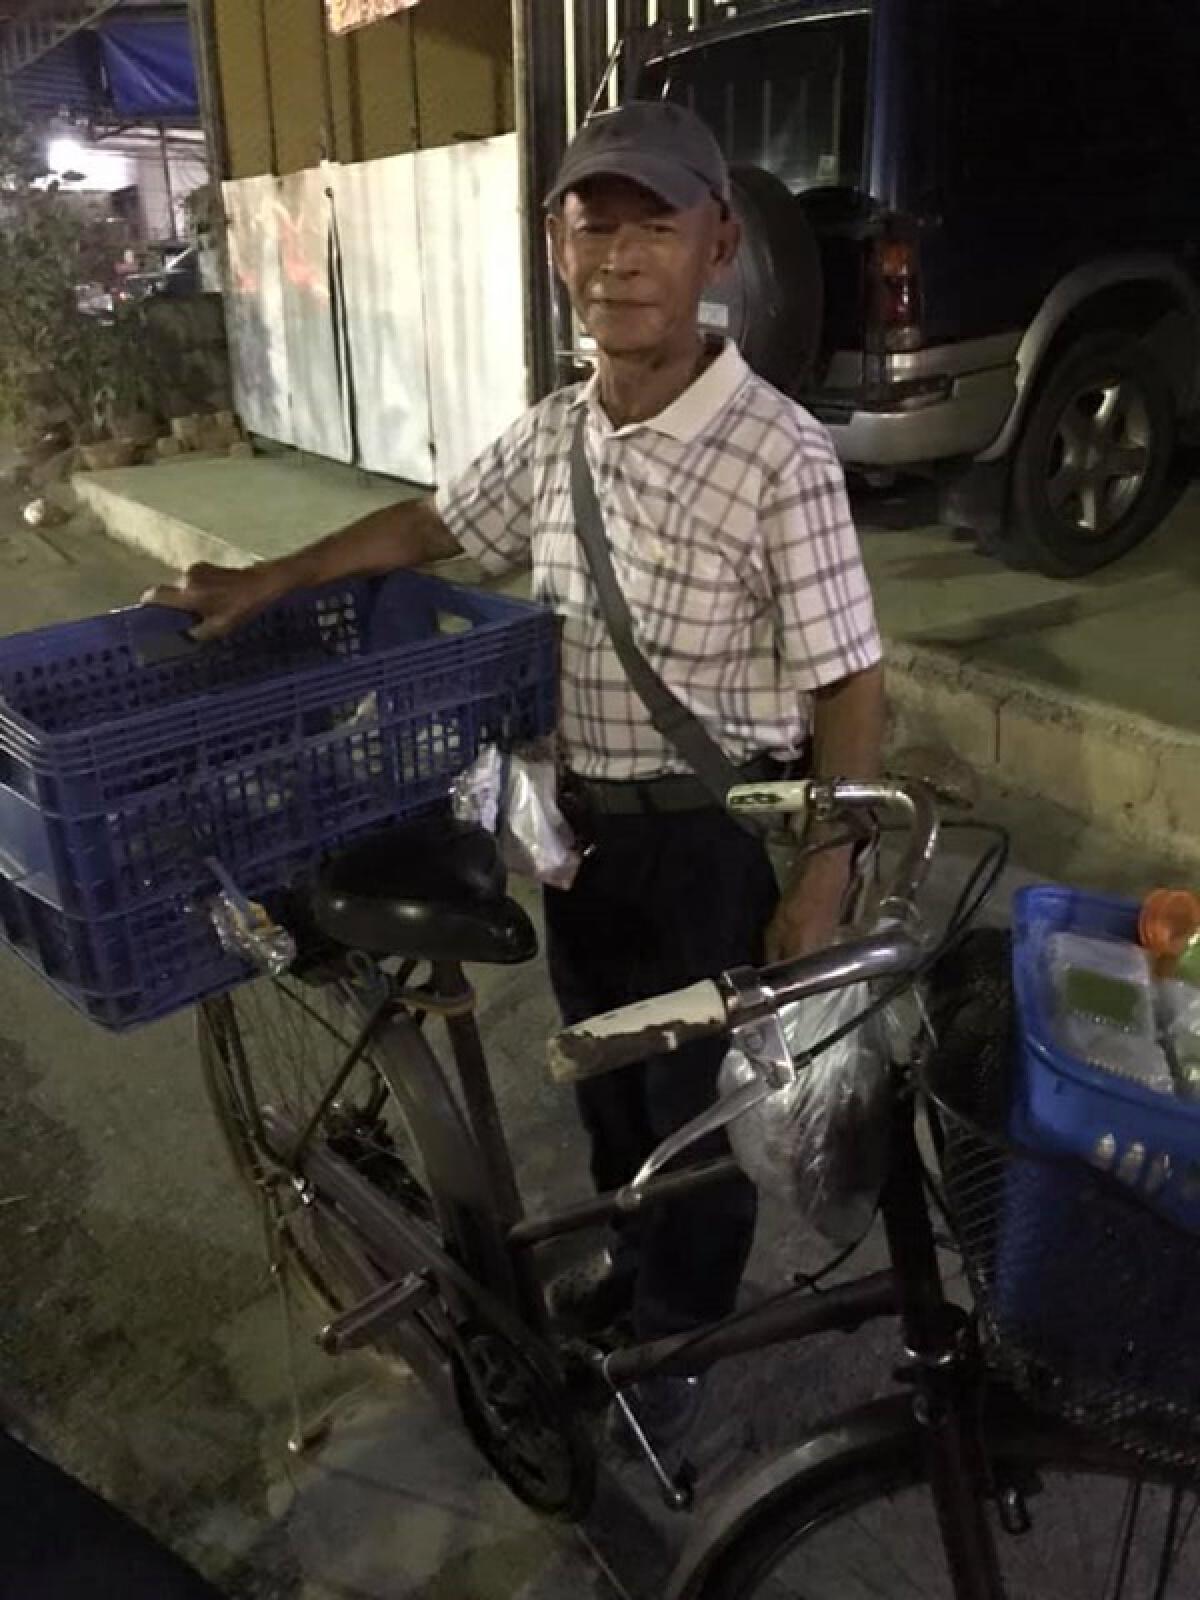 คุณตาปั่นจักรยานขายขนมหวาน แม้สุขภาพไม่แข็งแรง ใครเจอวอนช่วยอุดหนุนที